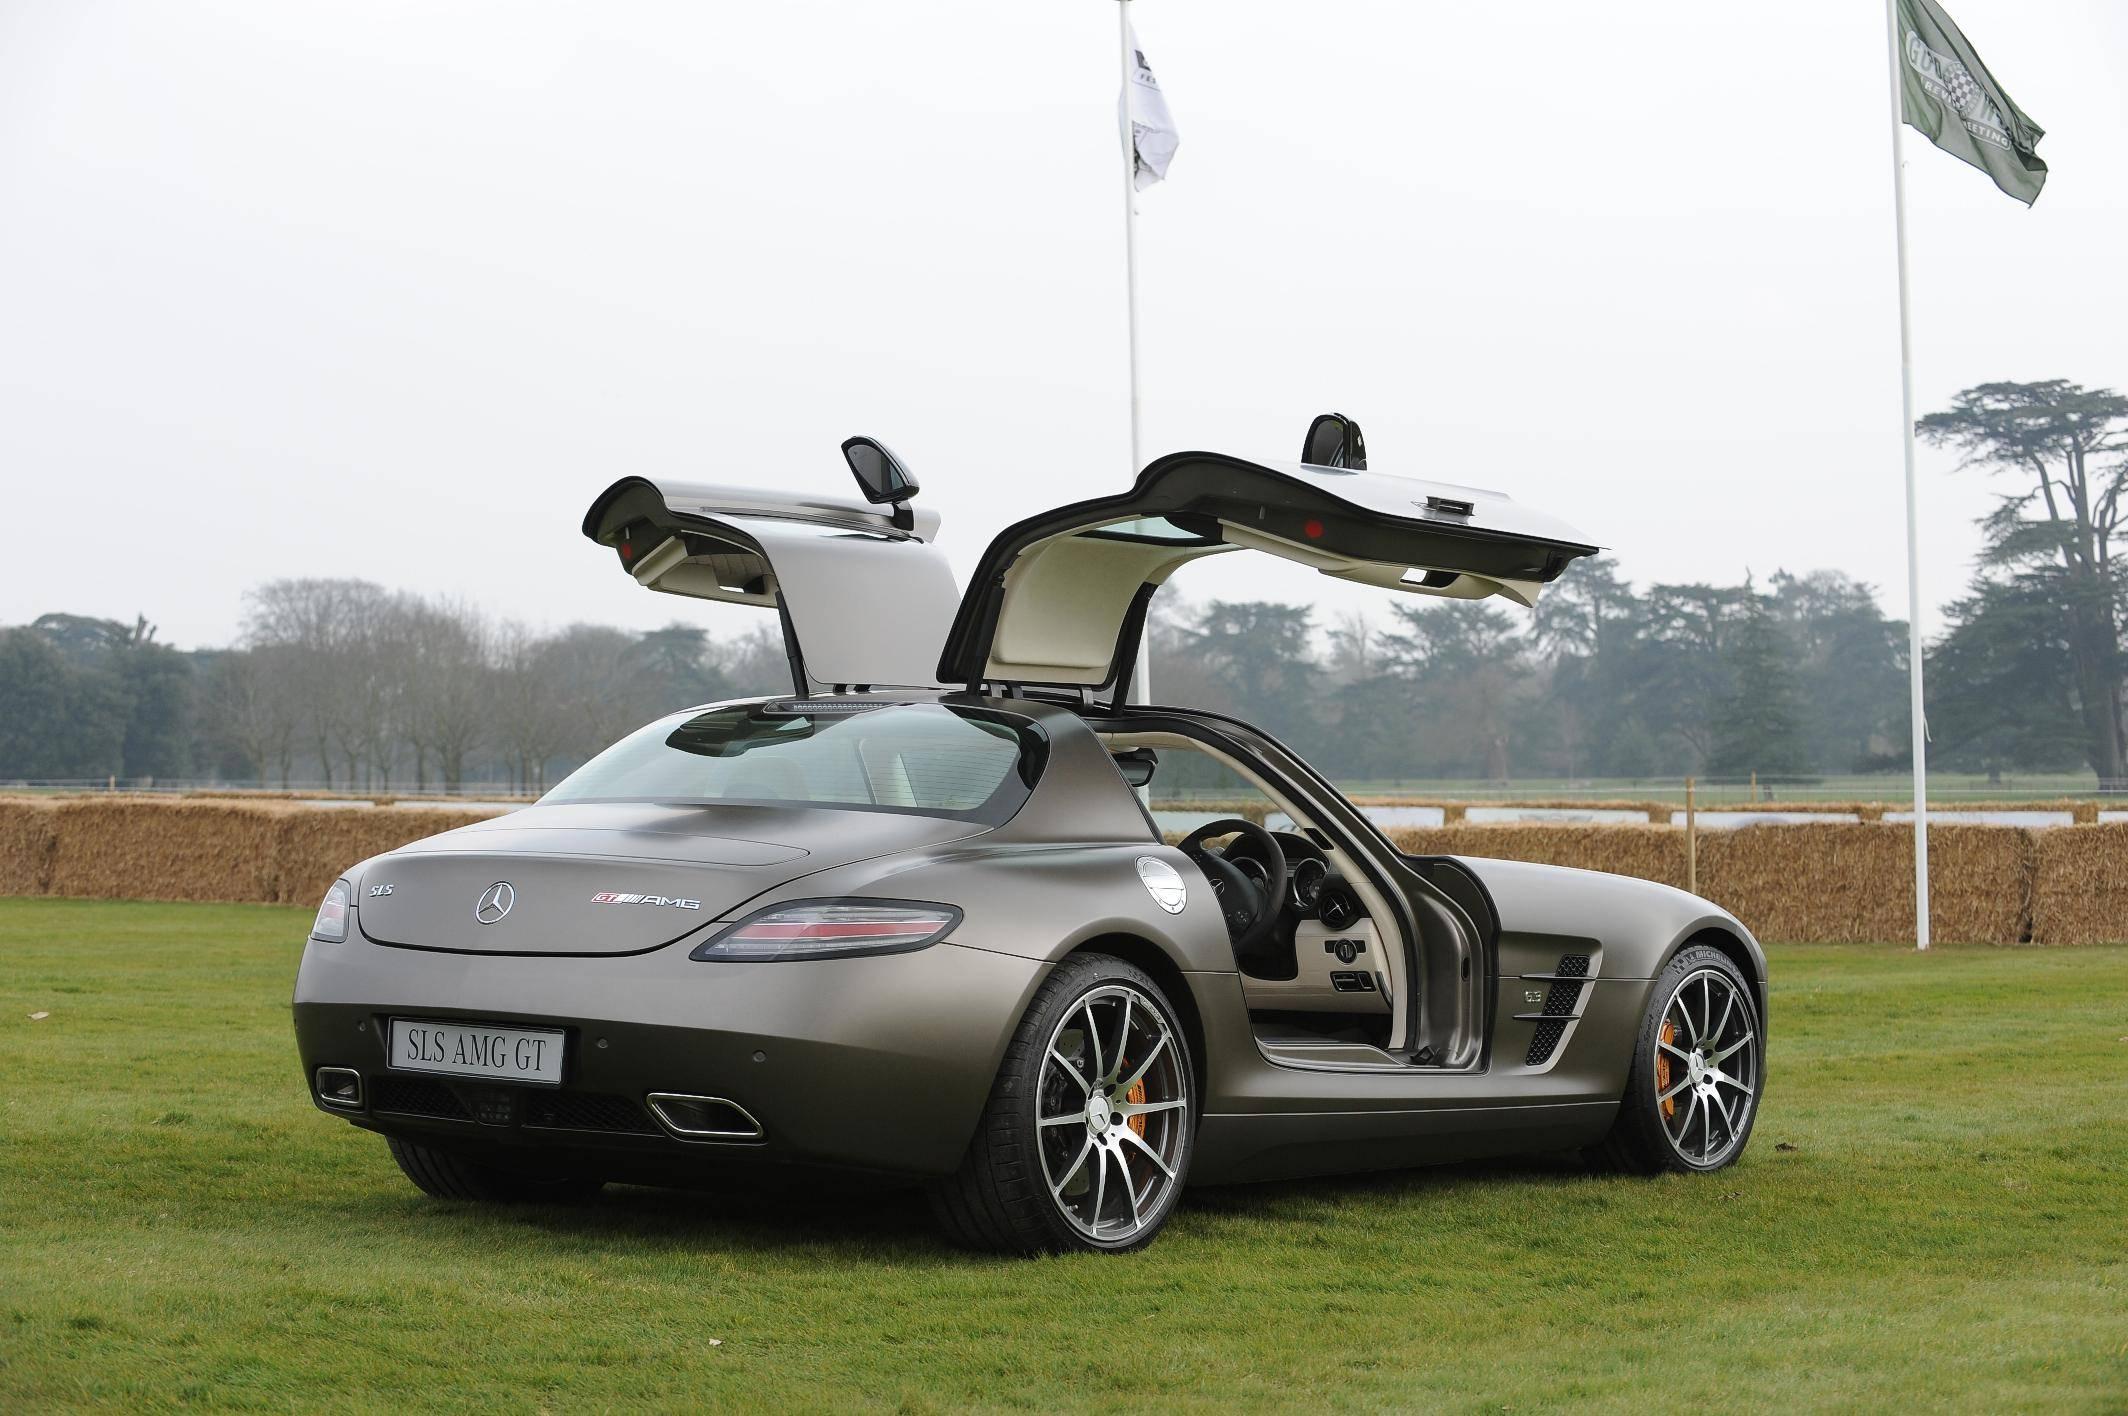 Sls doors up 2015 mercedes benz sls amg gt final edition for Mercedes benz sls amg gt coupe